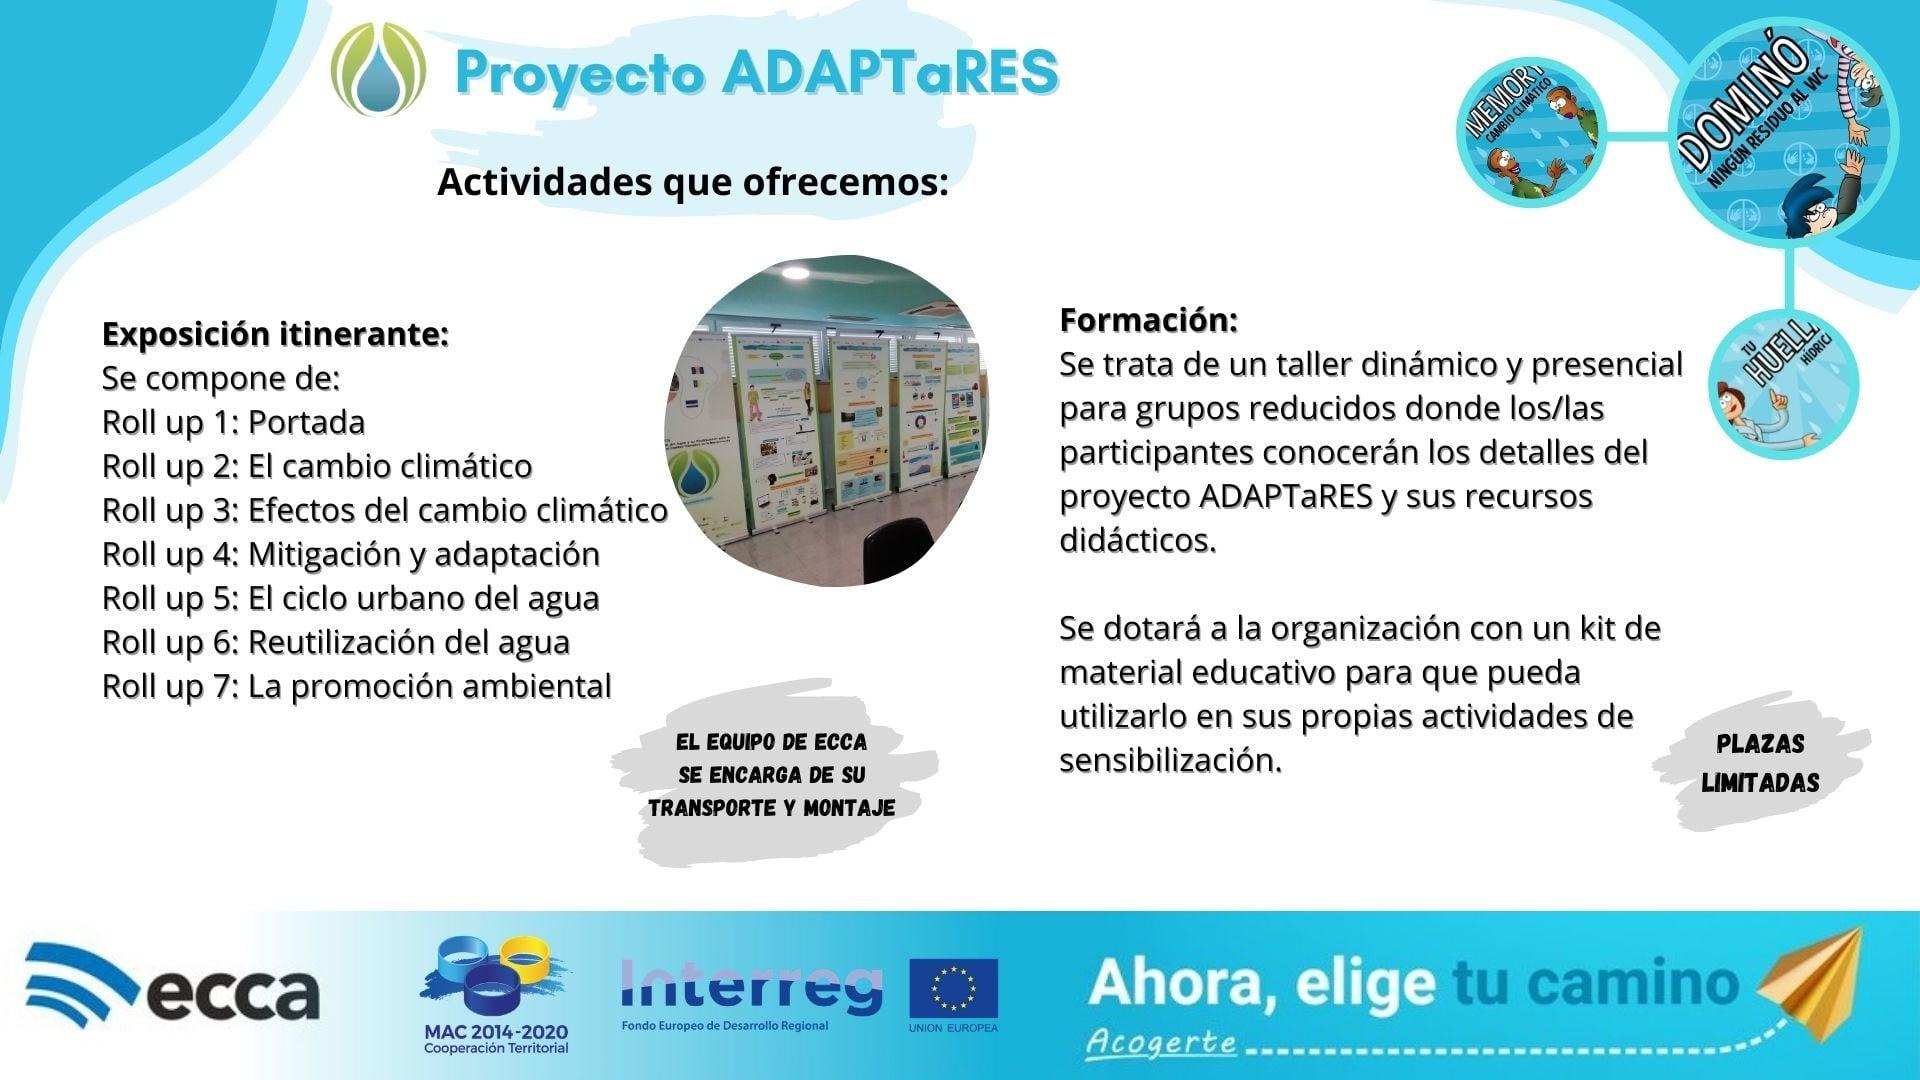 Promoción de la formación y la sensibilización sobre la adaptación al cambio climático en Macaronesia